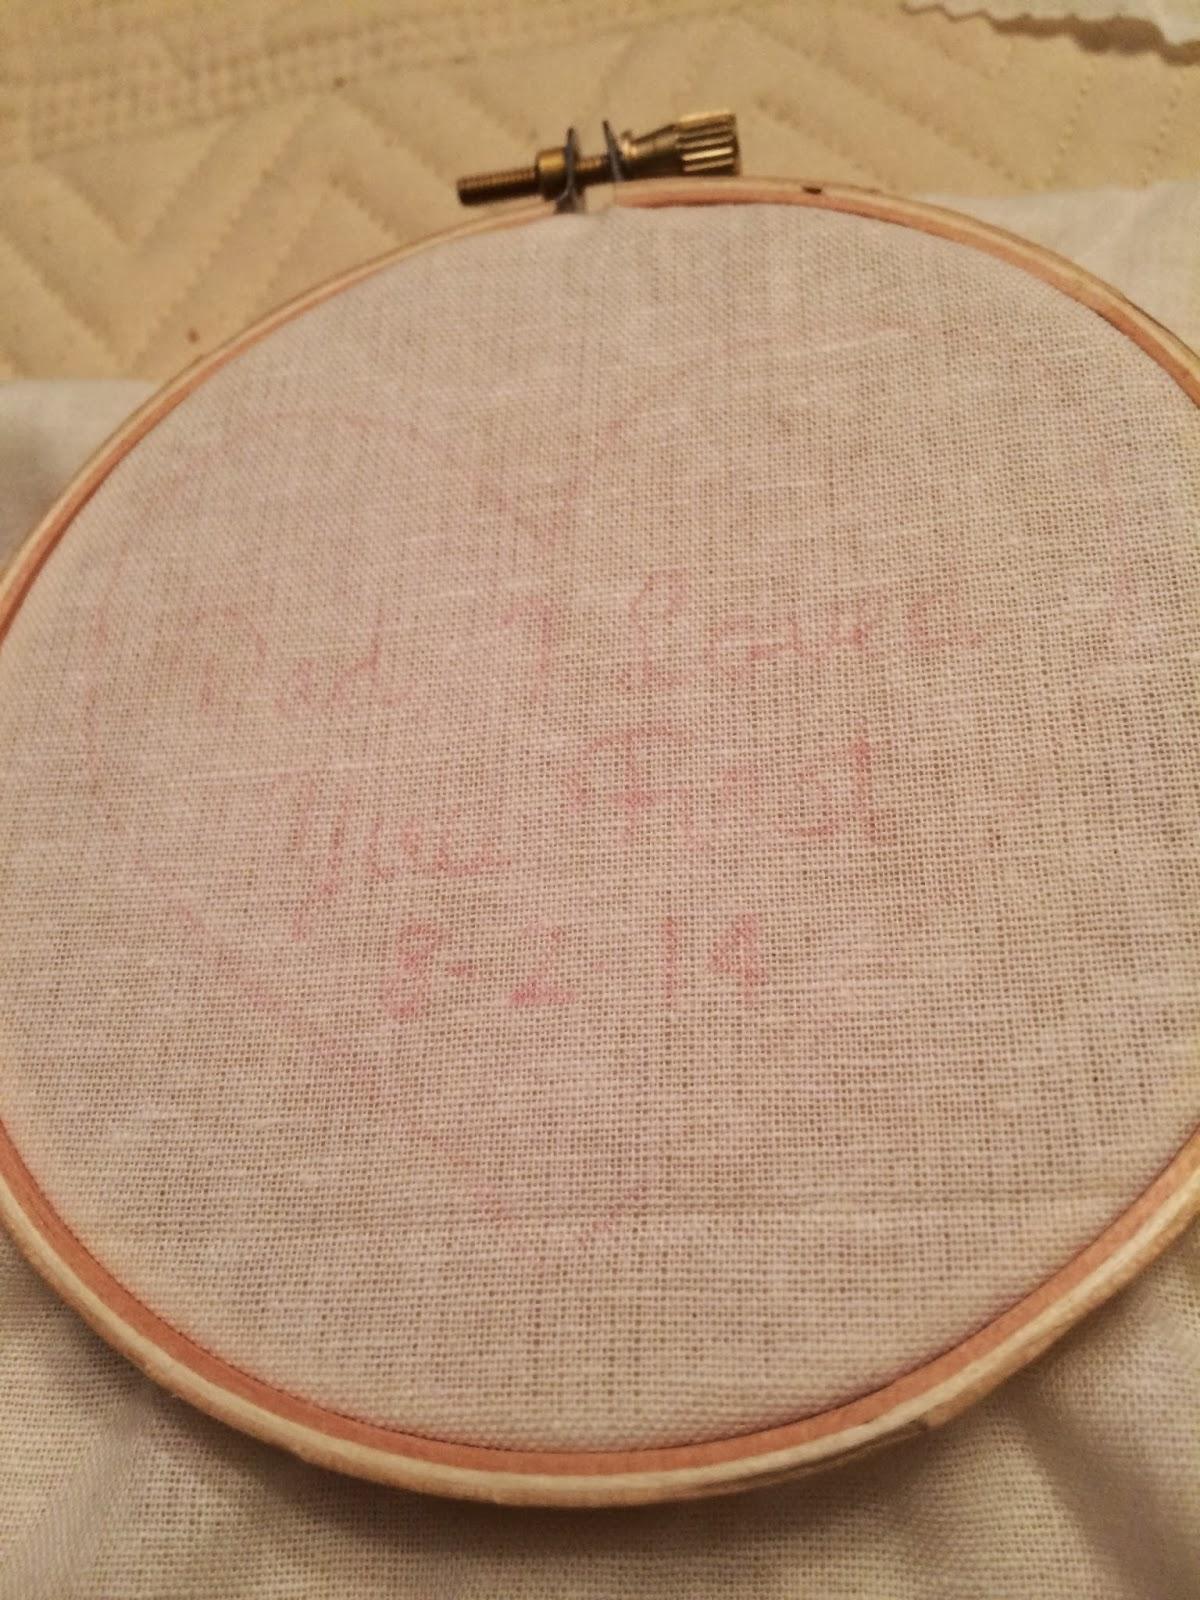 Doeblerghini Bunch:  Dad's Tie Patch - Pattern on Hoop